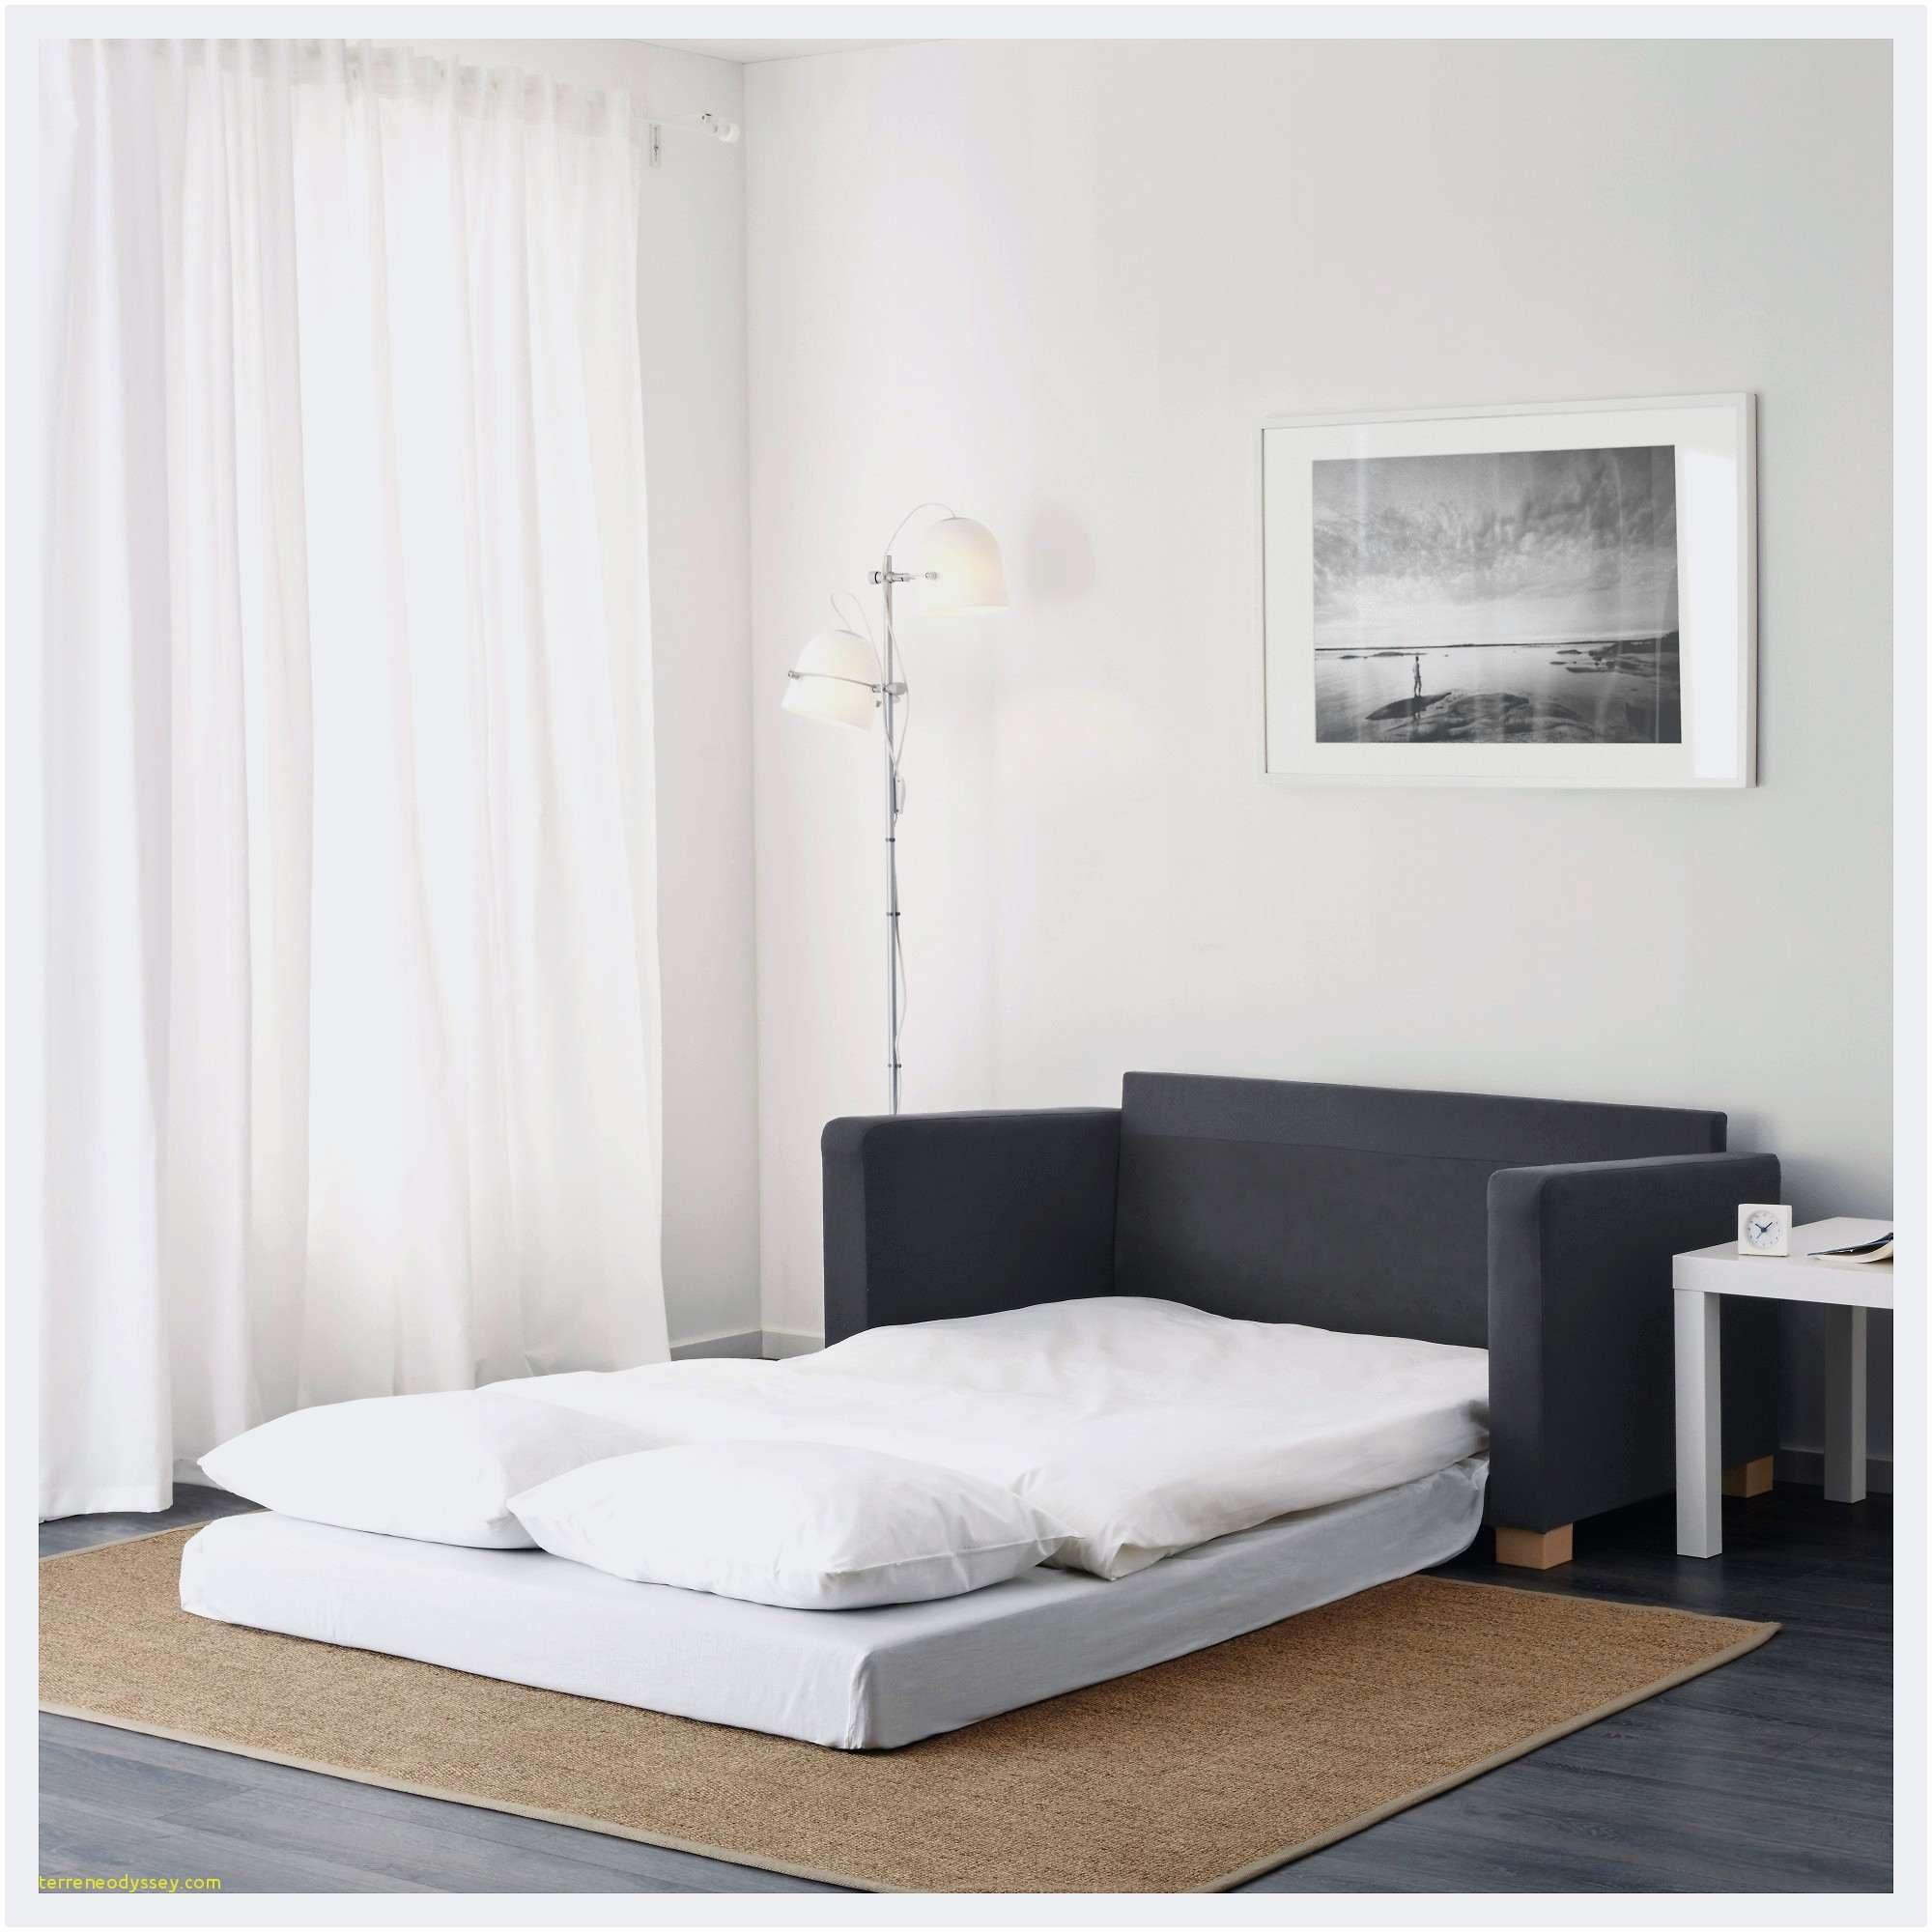 Lit Ikea 160×200 Beau Elégant Ikea Matelas 180—200 Unique Lit 160 X 200 Belle Bett Holz